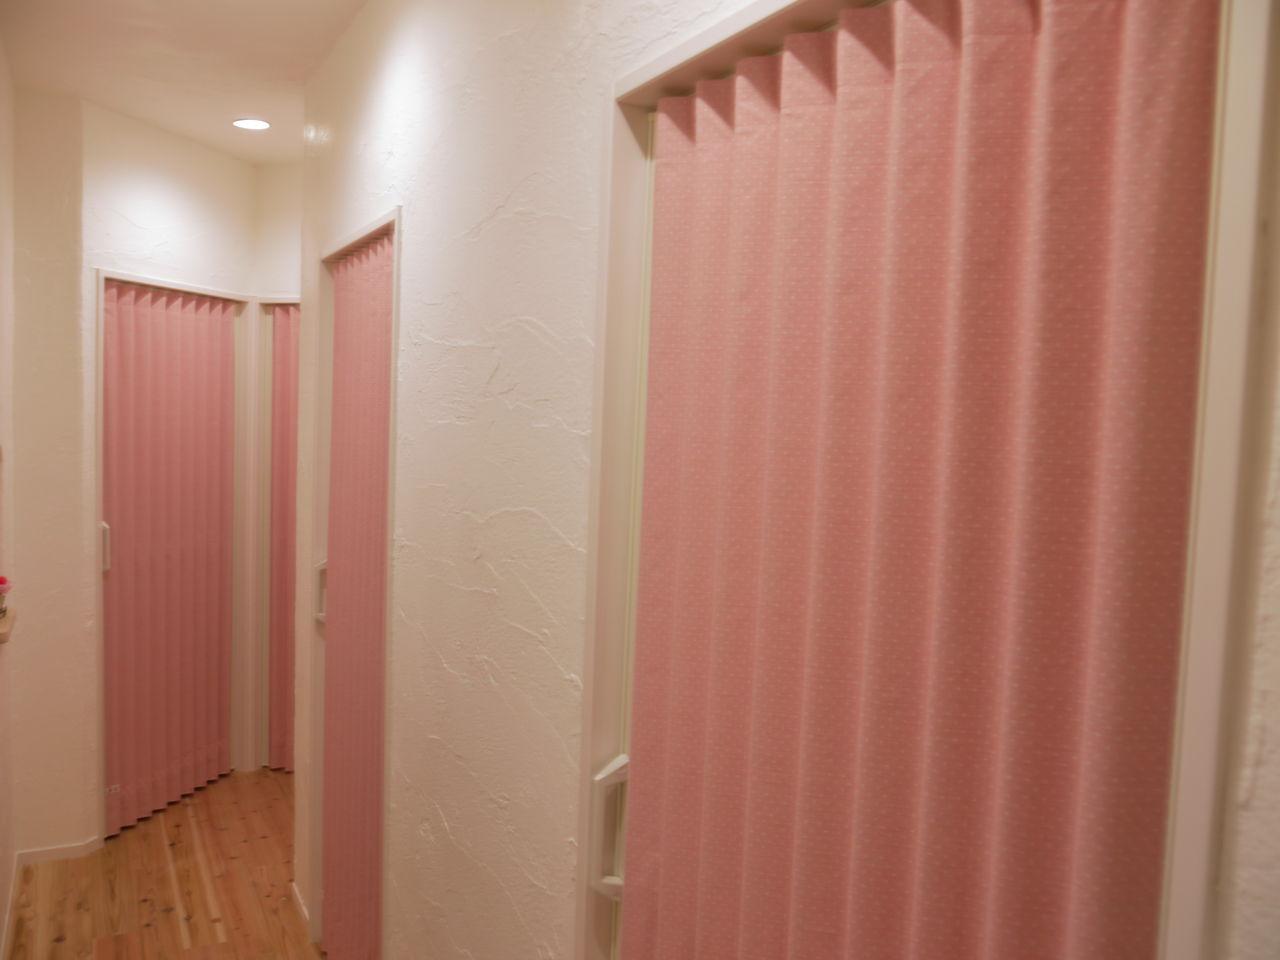 リニューアルオープン | 不妊|漢方|鍼灸|大阪|卵子の質改善|不妊専門の三ツ川レディース漢方鍼灸院